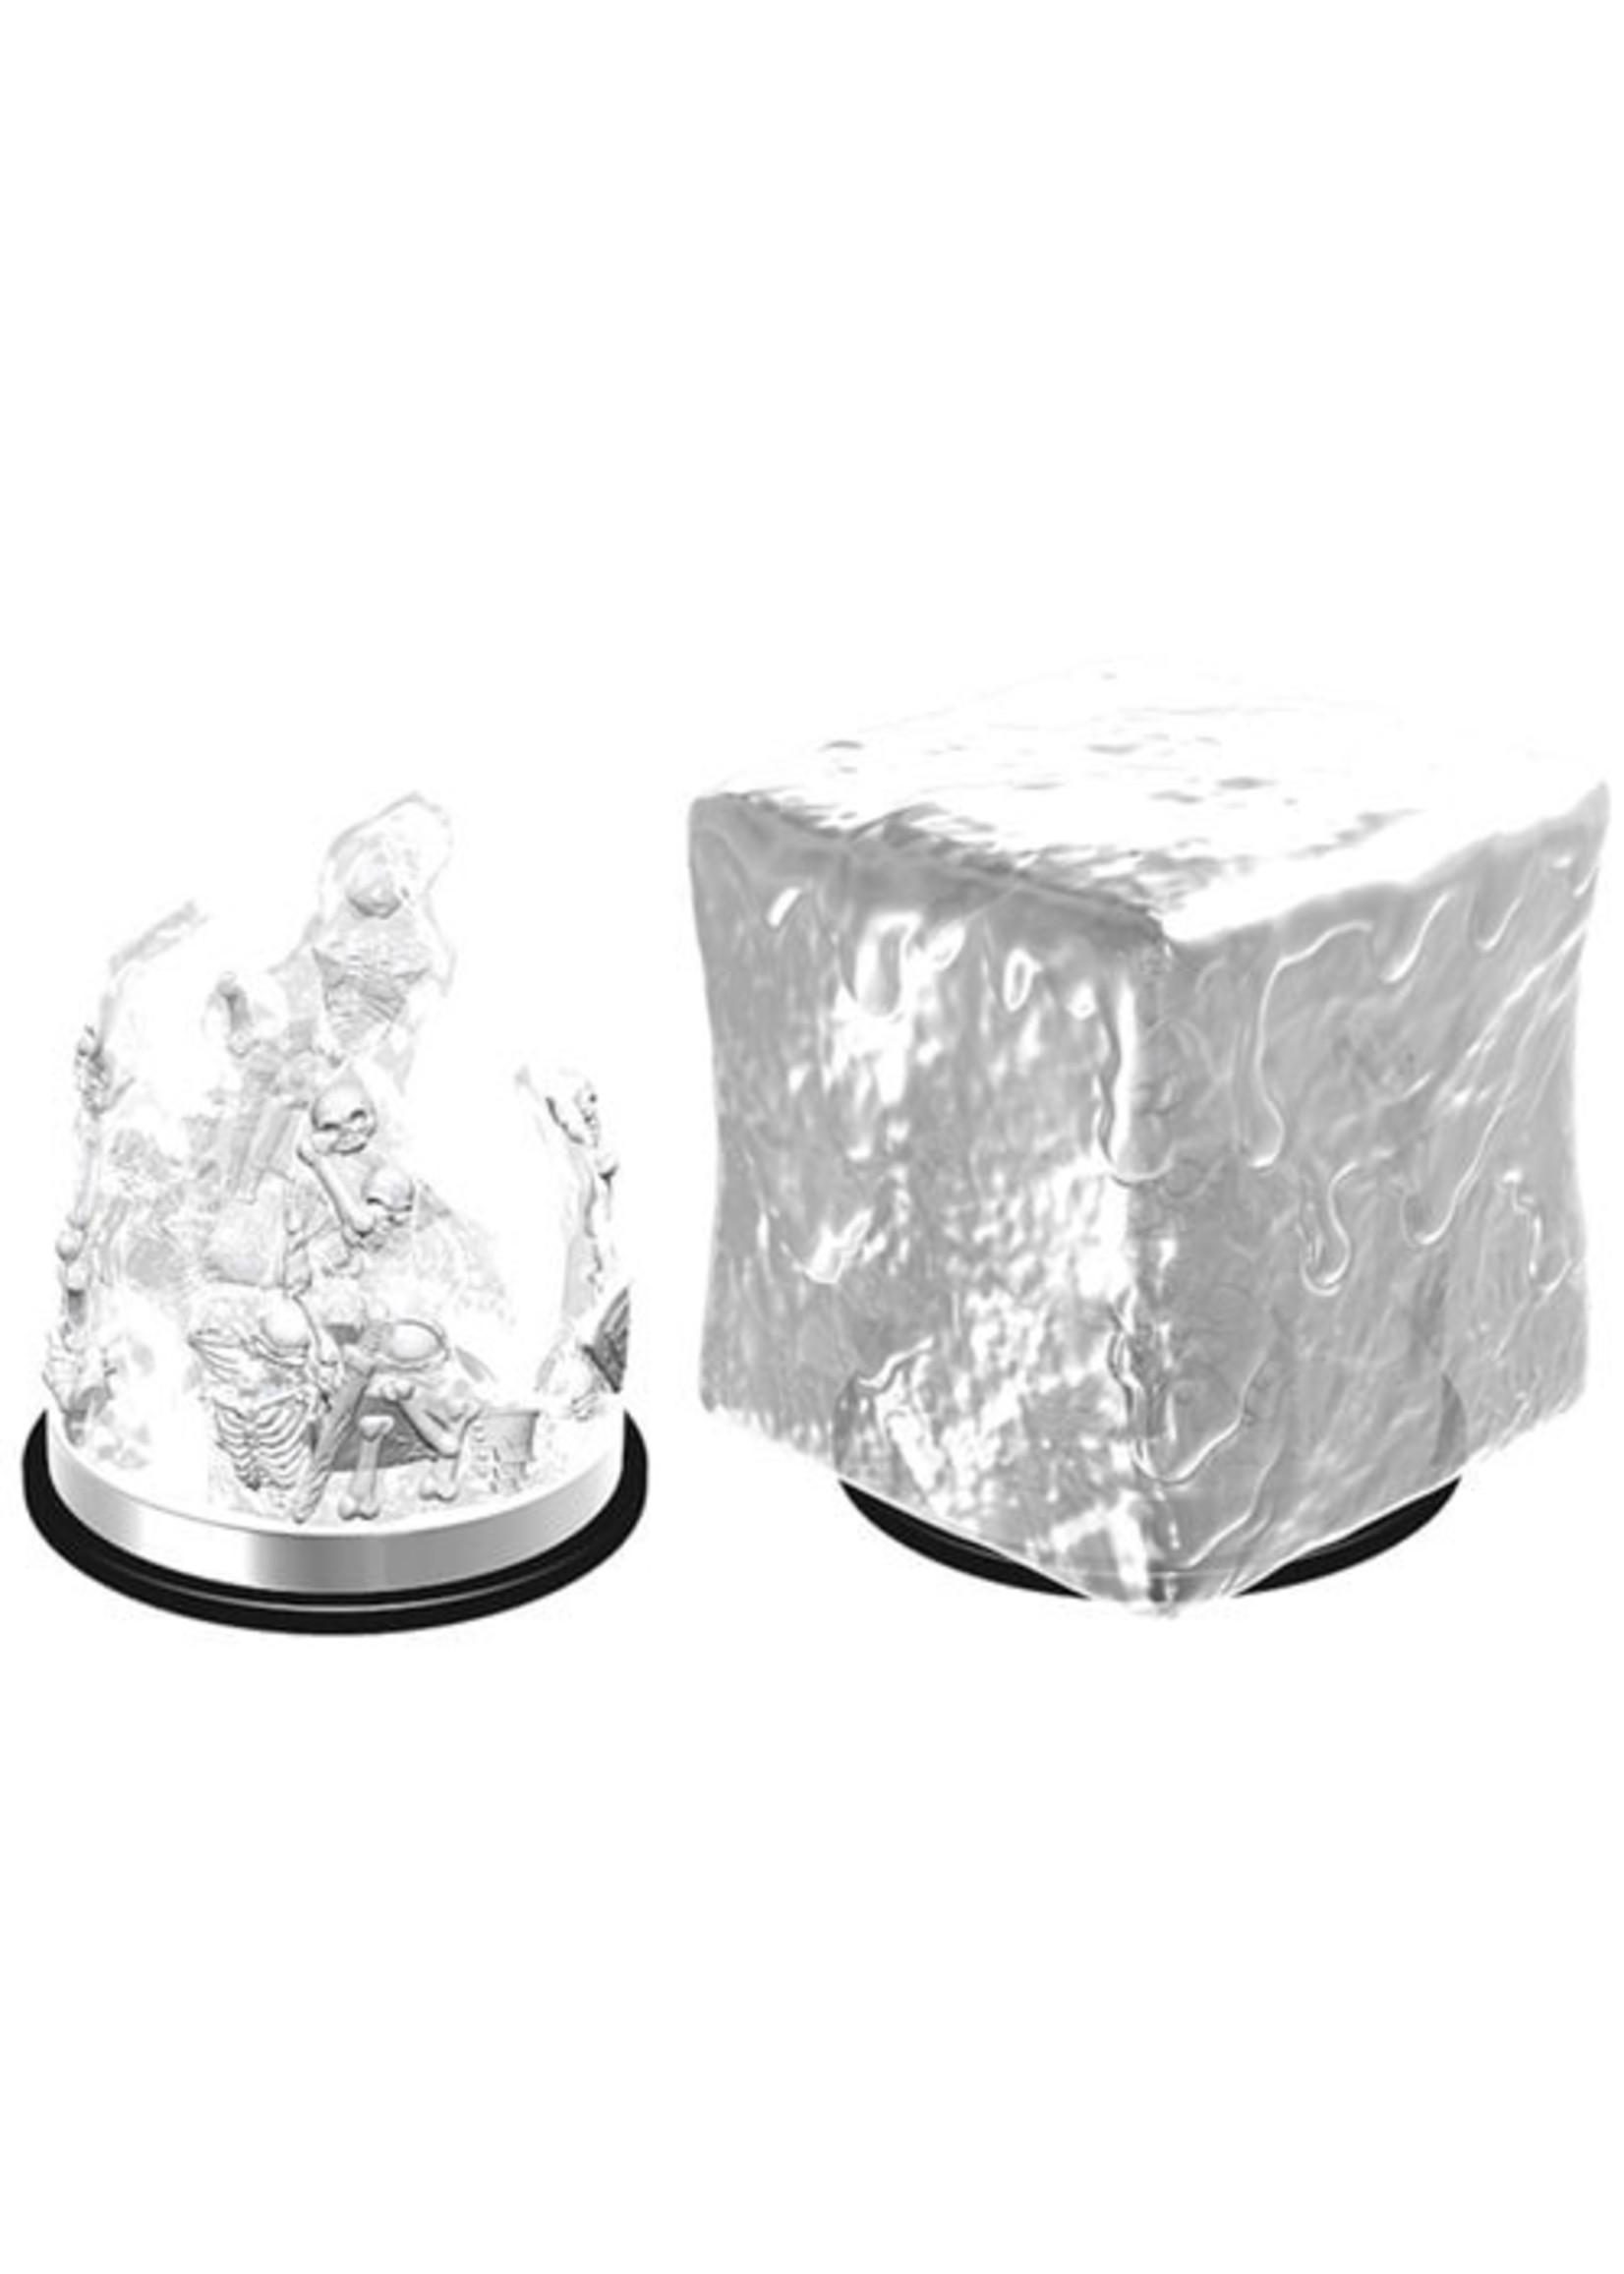 Dungeons & Dragons Nolzur`s Marvelous Unpainted Miniatures: W6 Gelatinous Cube